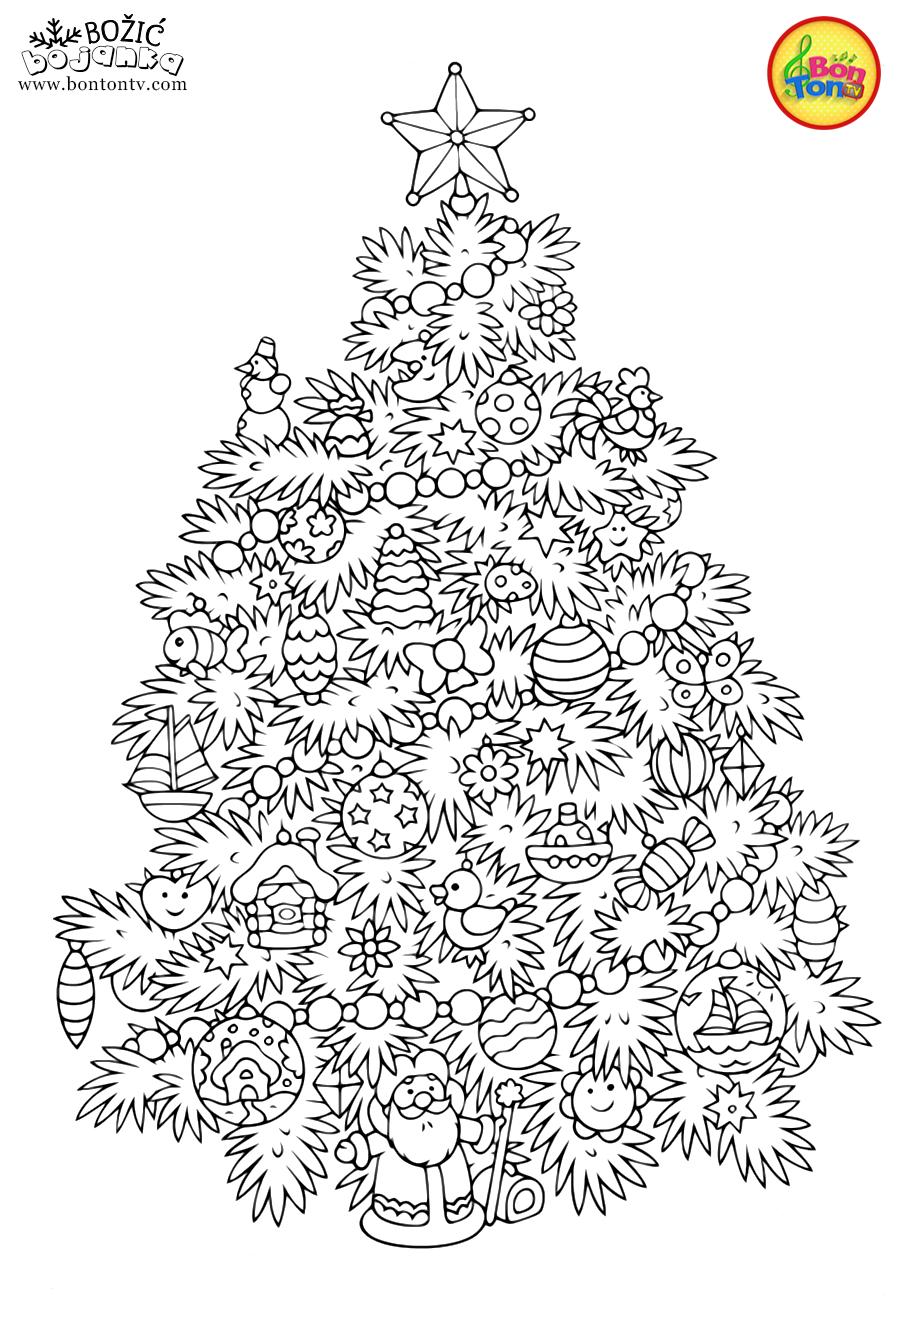 Malvorlagen Weihnachten für Kinder - Kostenlos bedruckbare ...